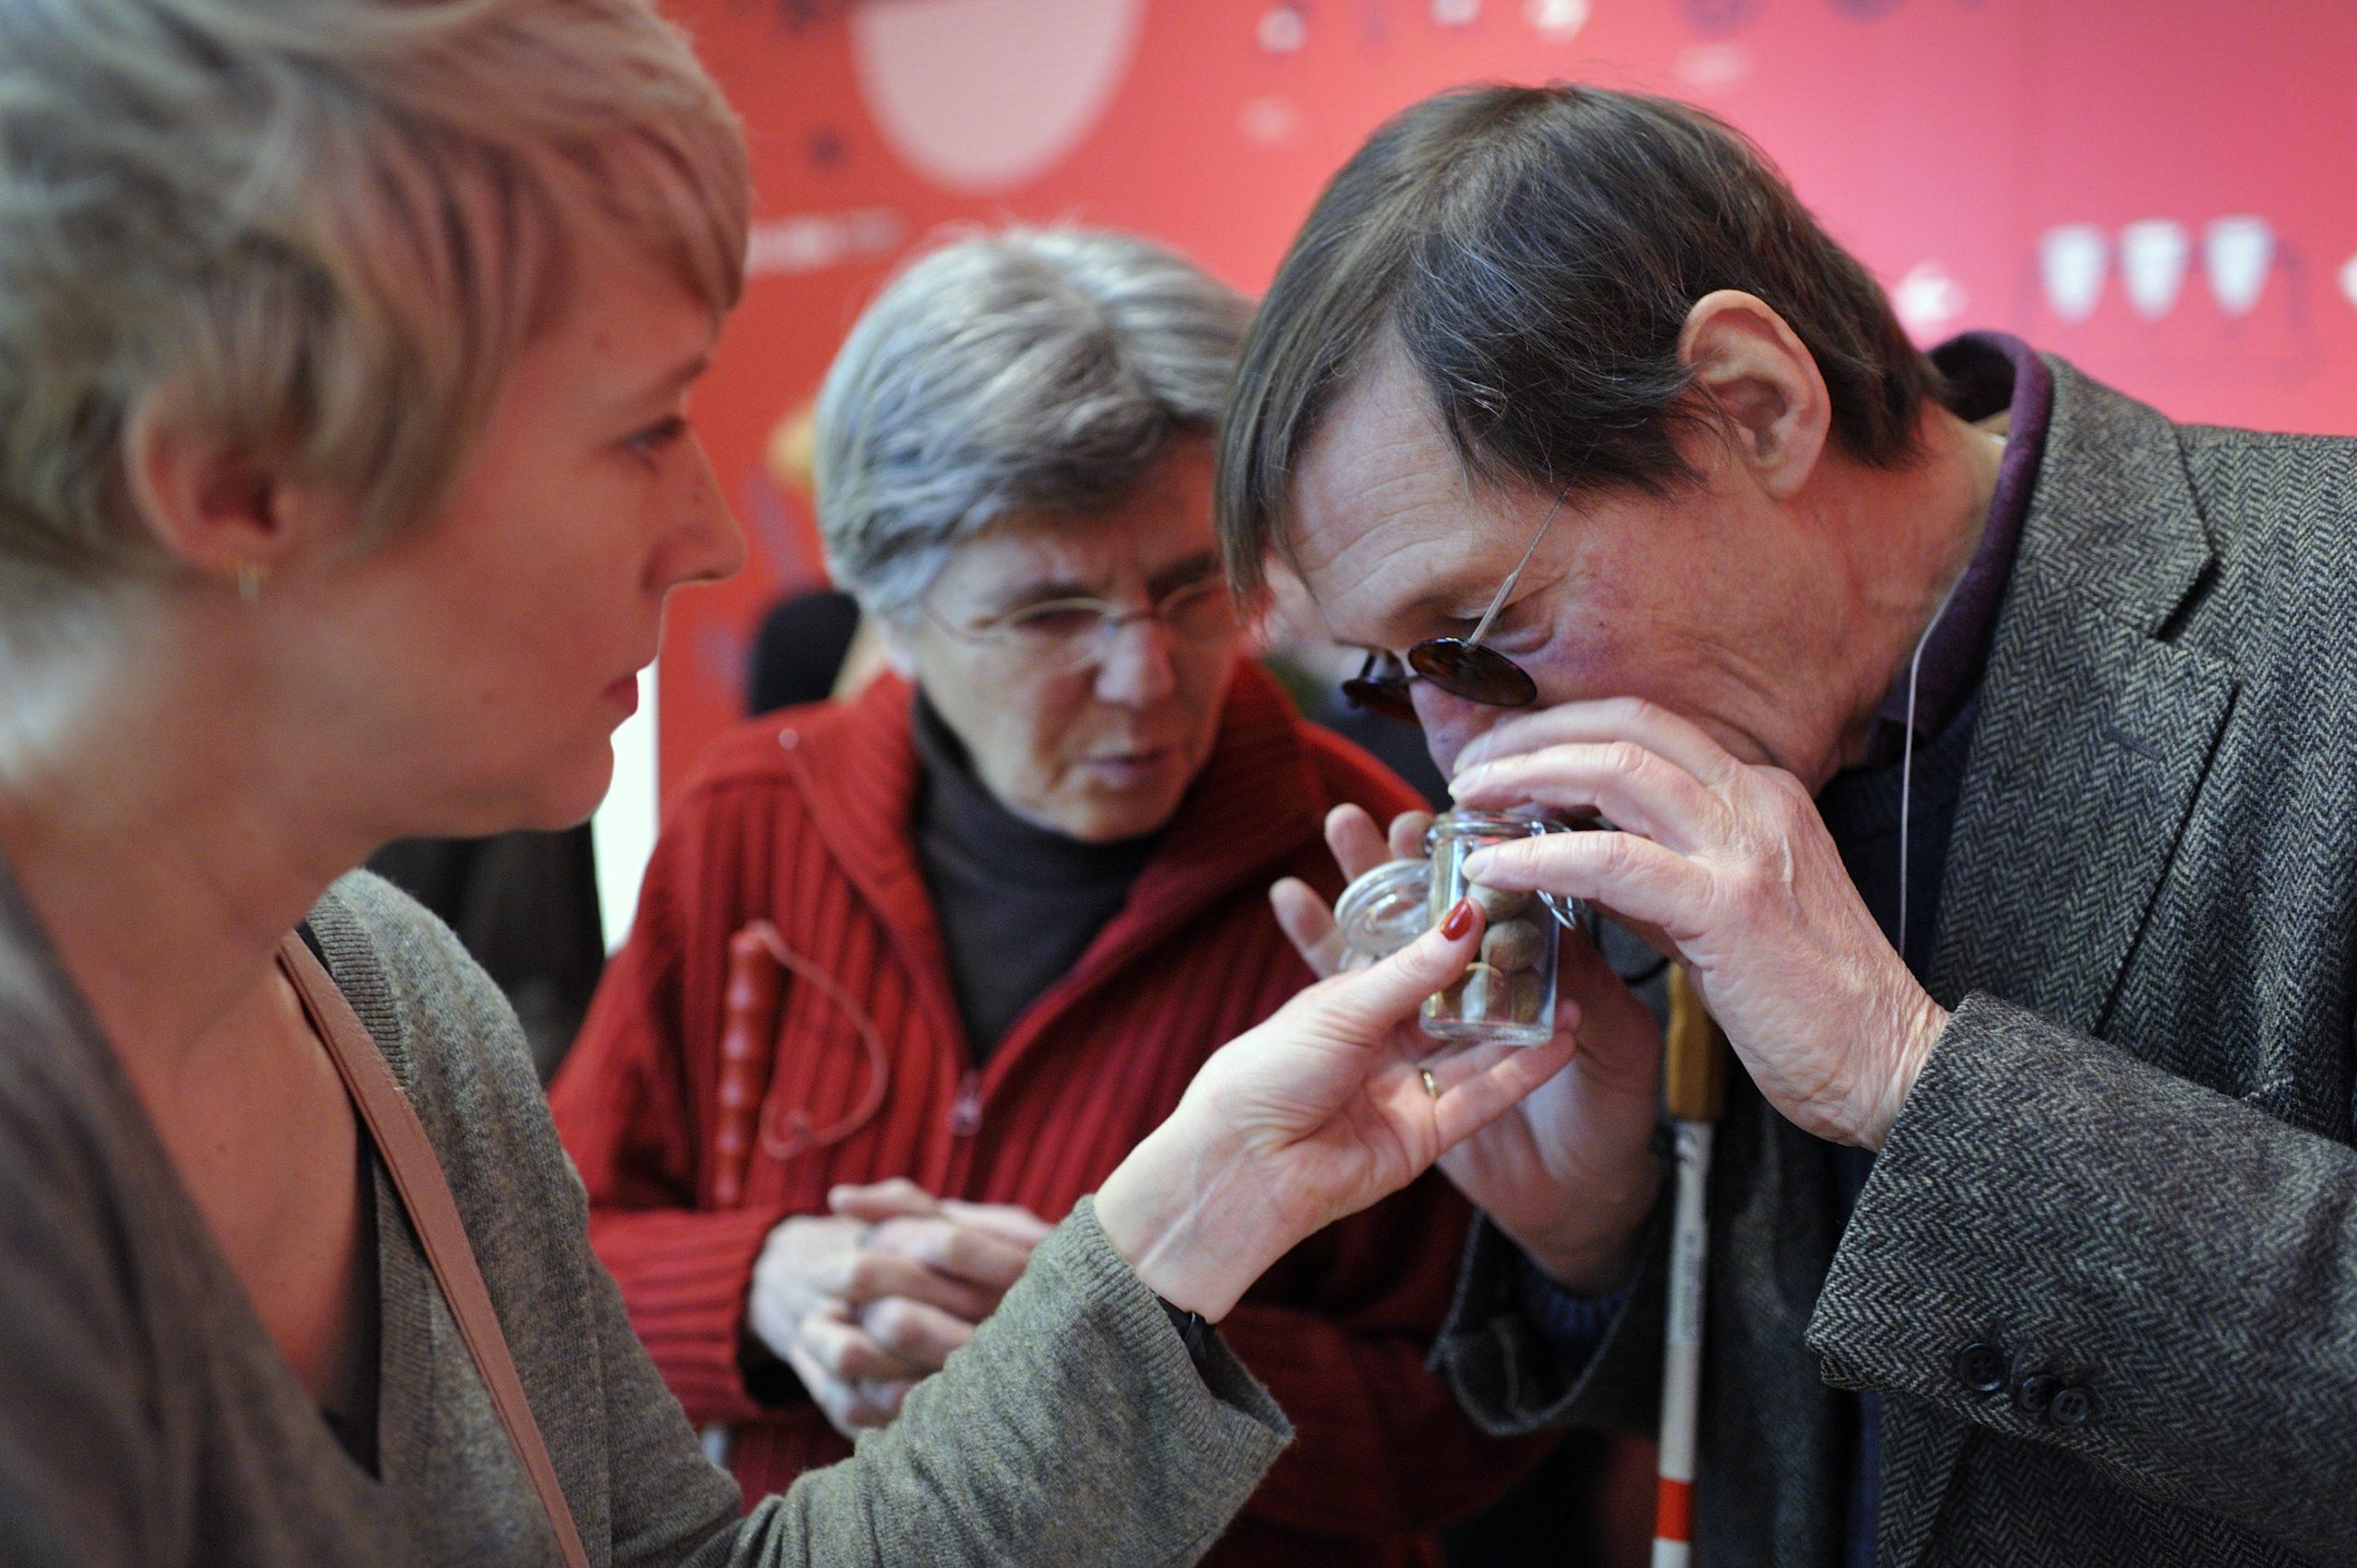 Een man ruikt aan potje dat hem door een dame wordt voorgehouden